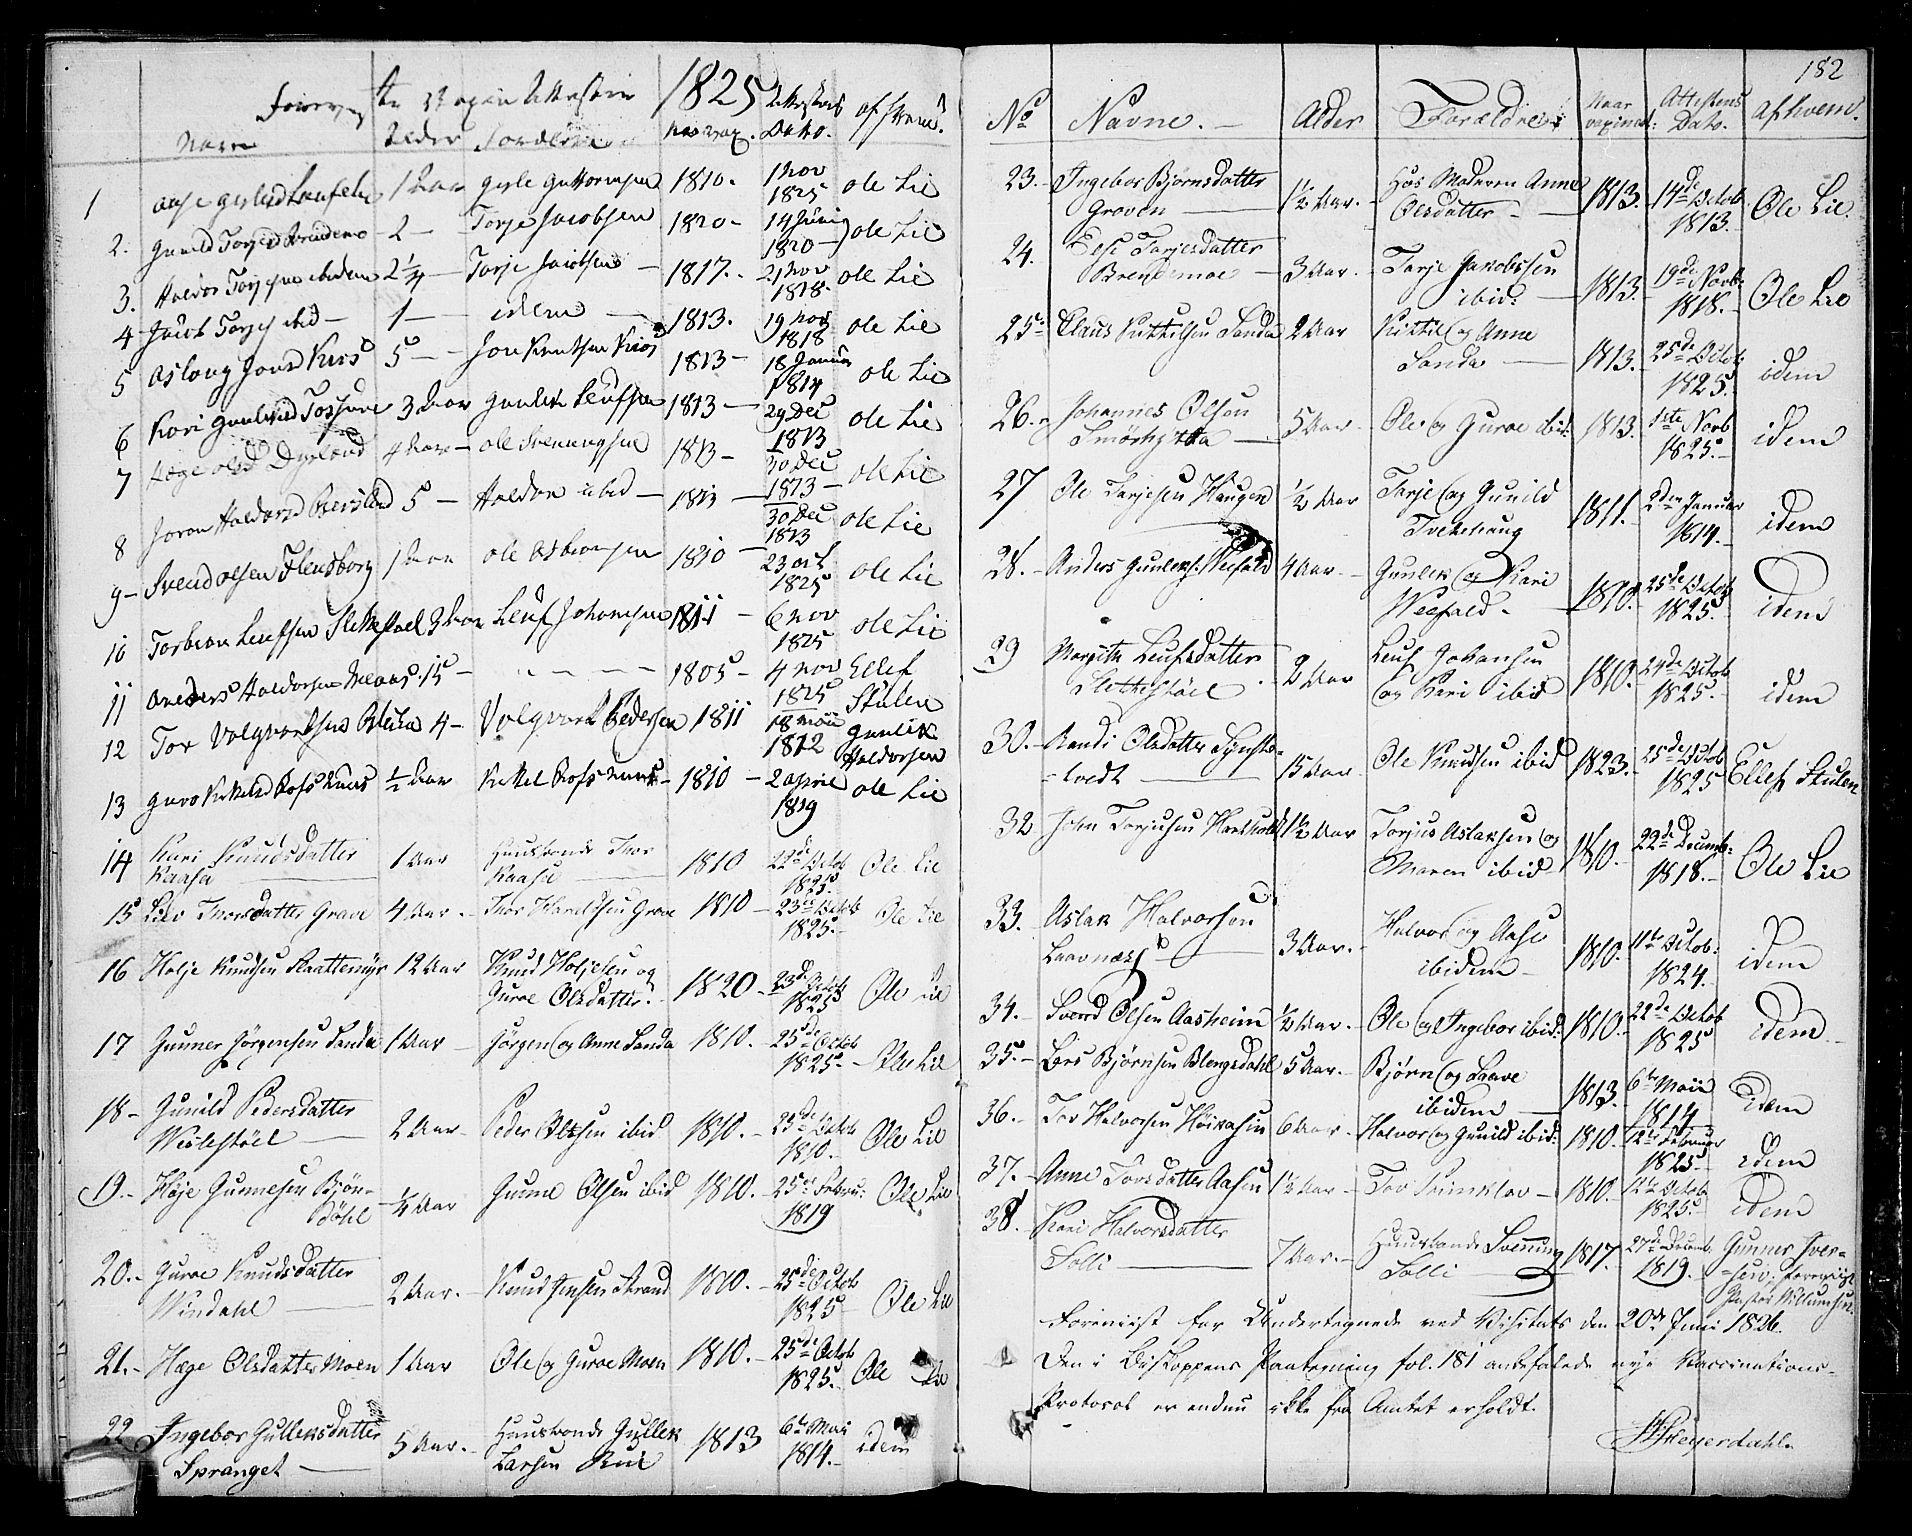 SAKO, Seljord kirkebøker, F/Fa/L0009: Ministerialbok nr. I 9, 1801-1814, s. 182